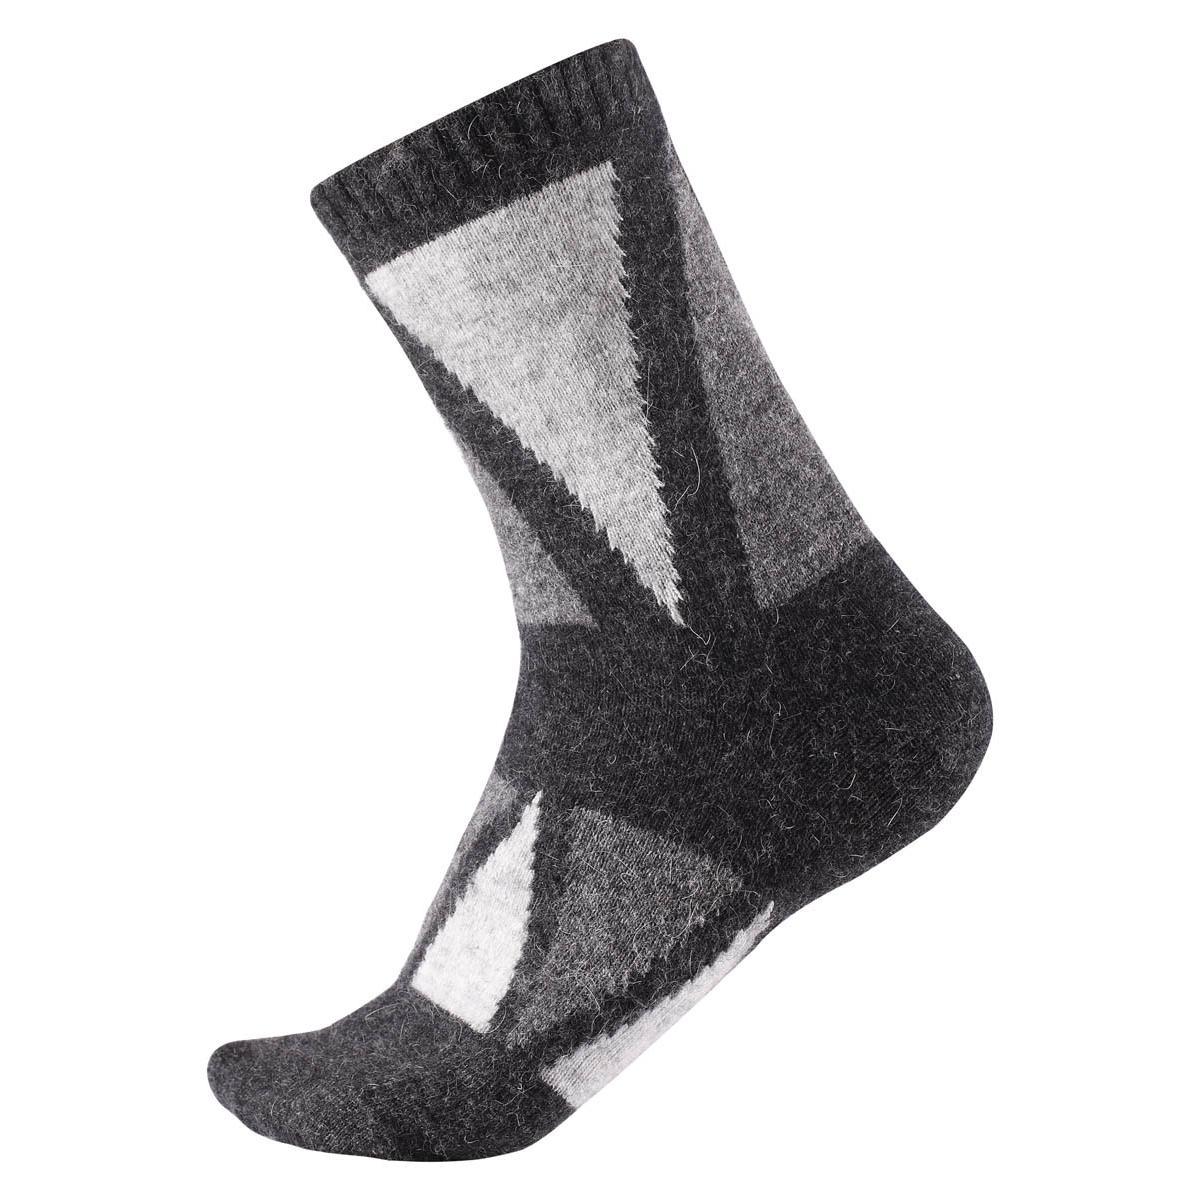 Купить Носки Reima 2017-18 Savo Dark melange grey, Детская одежда, 1351692